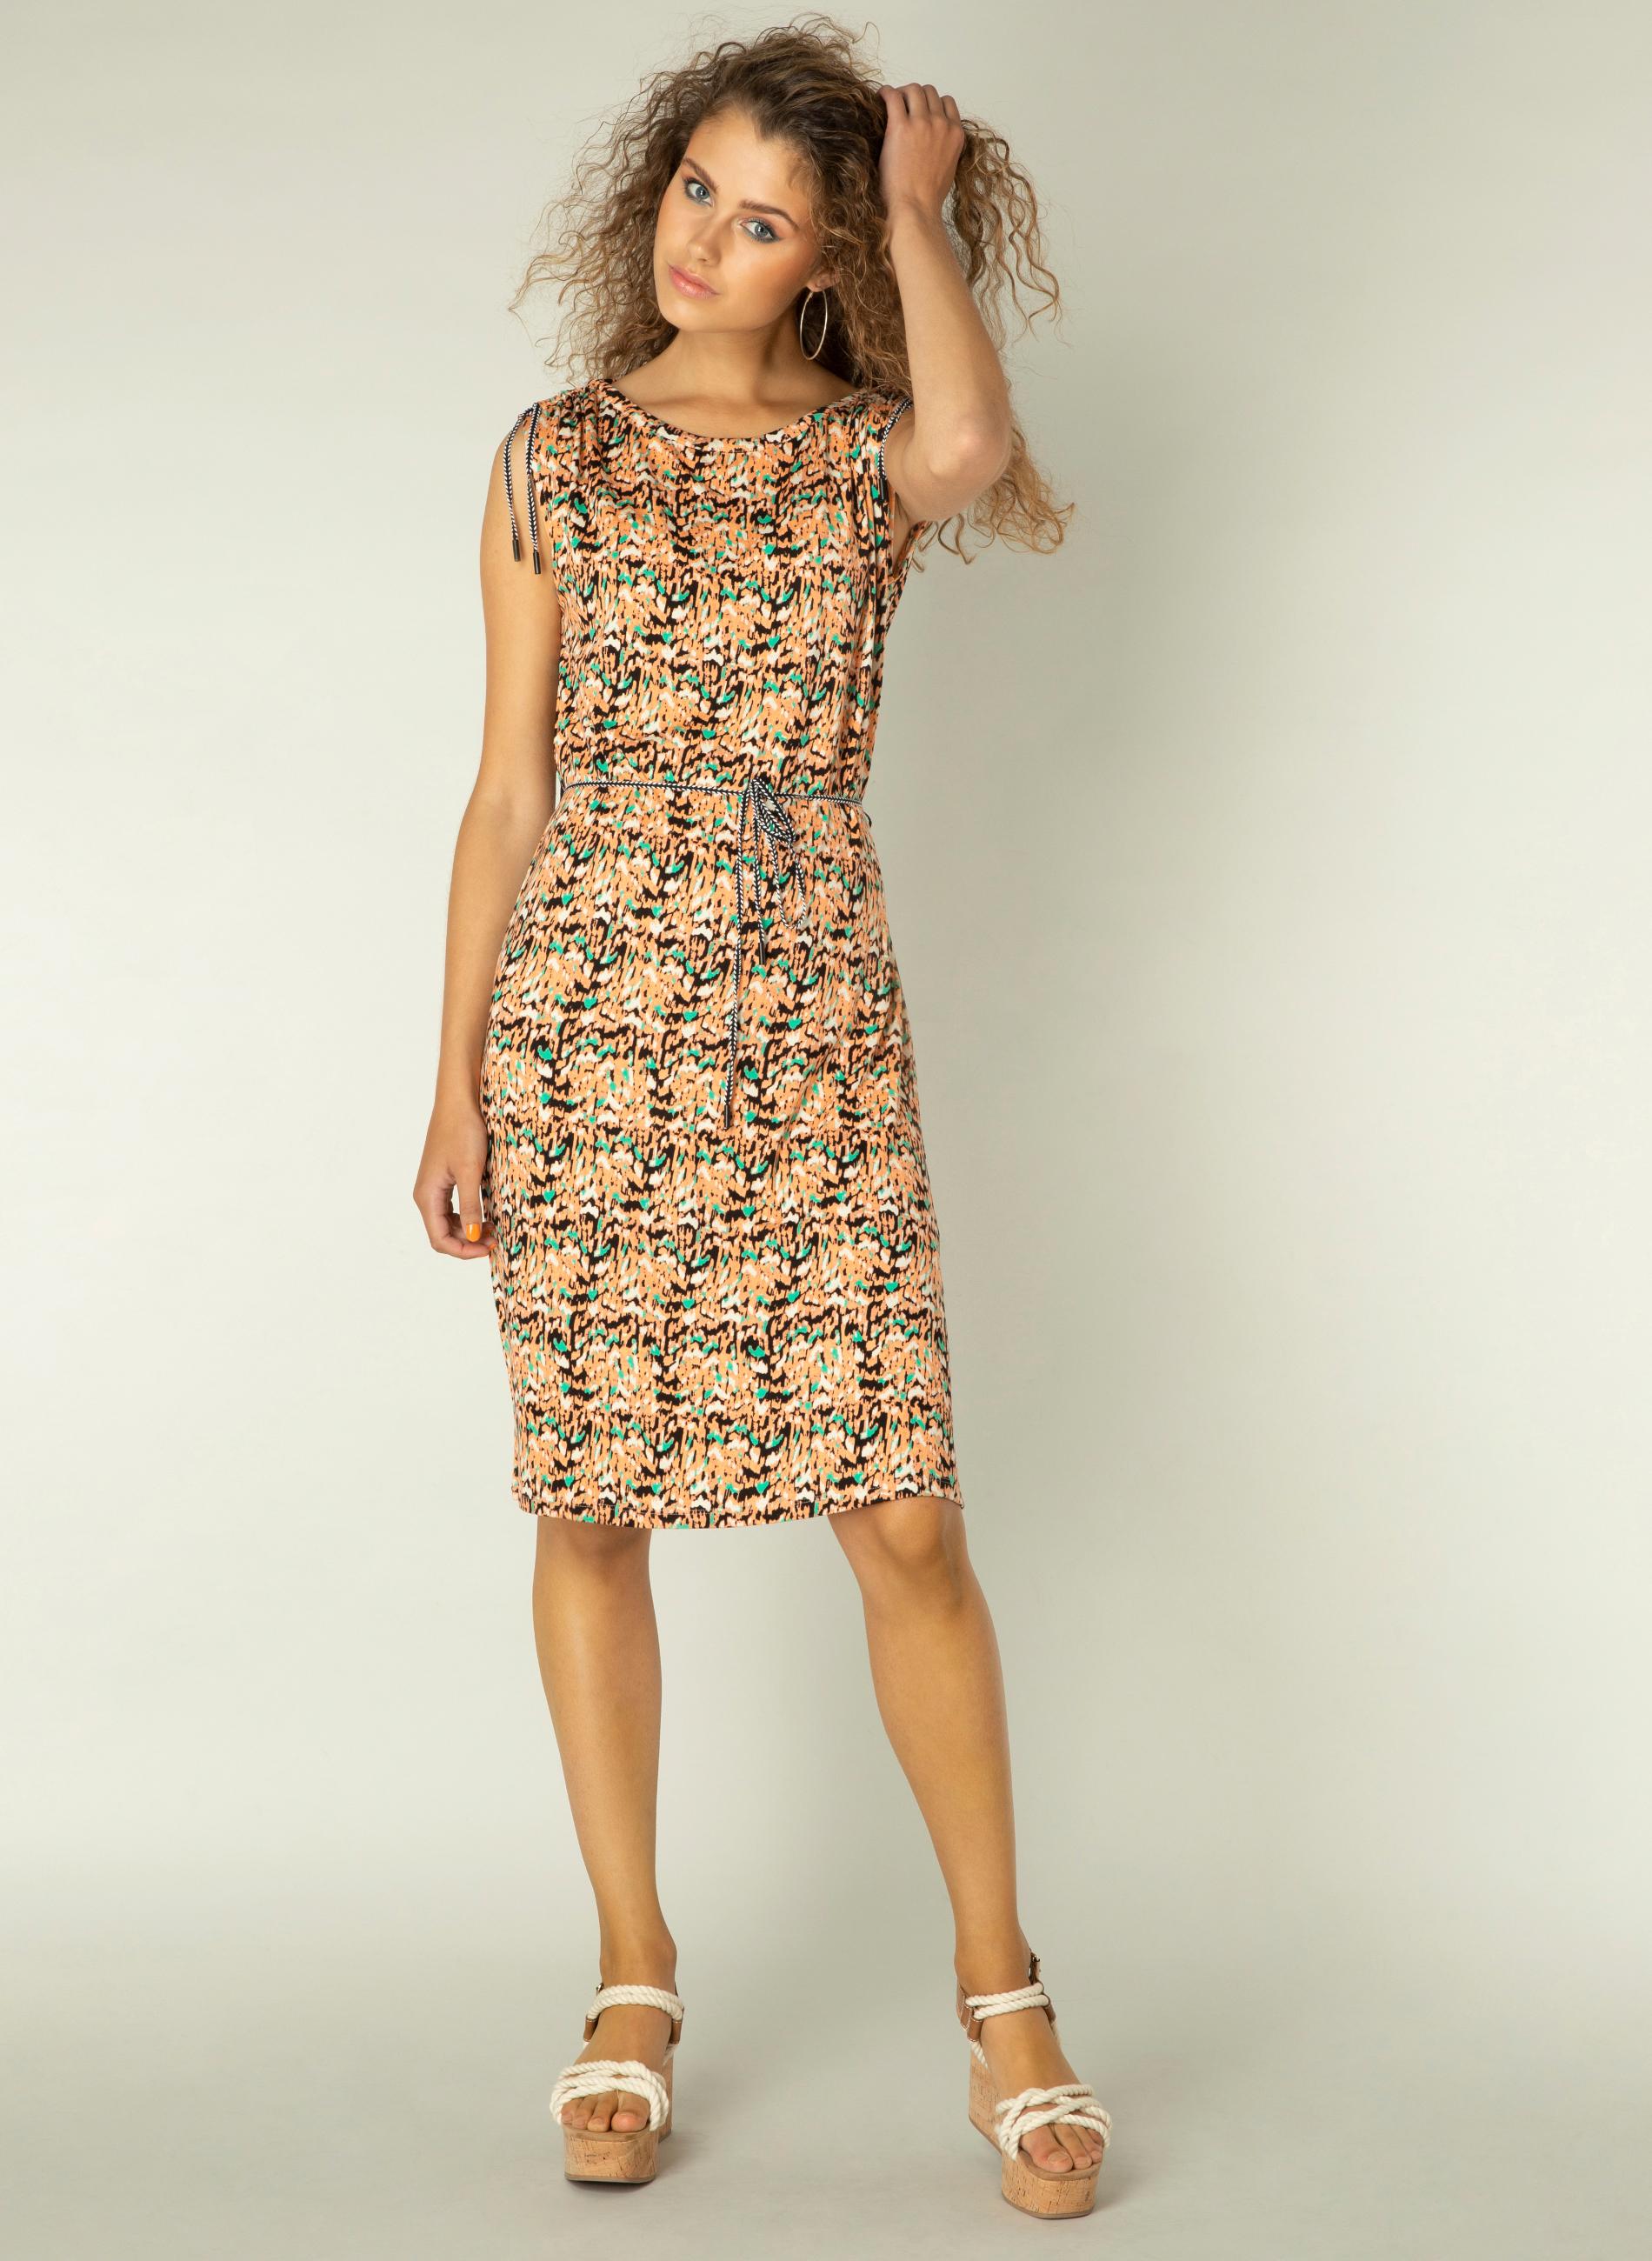 Yest jurk Kyenna 105 cm